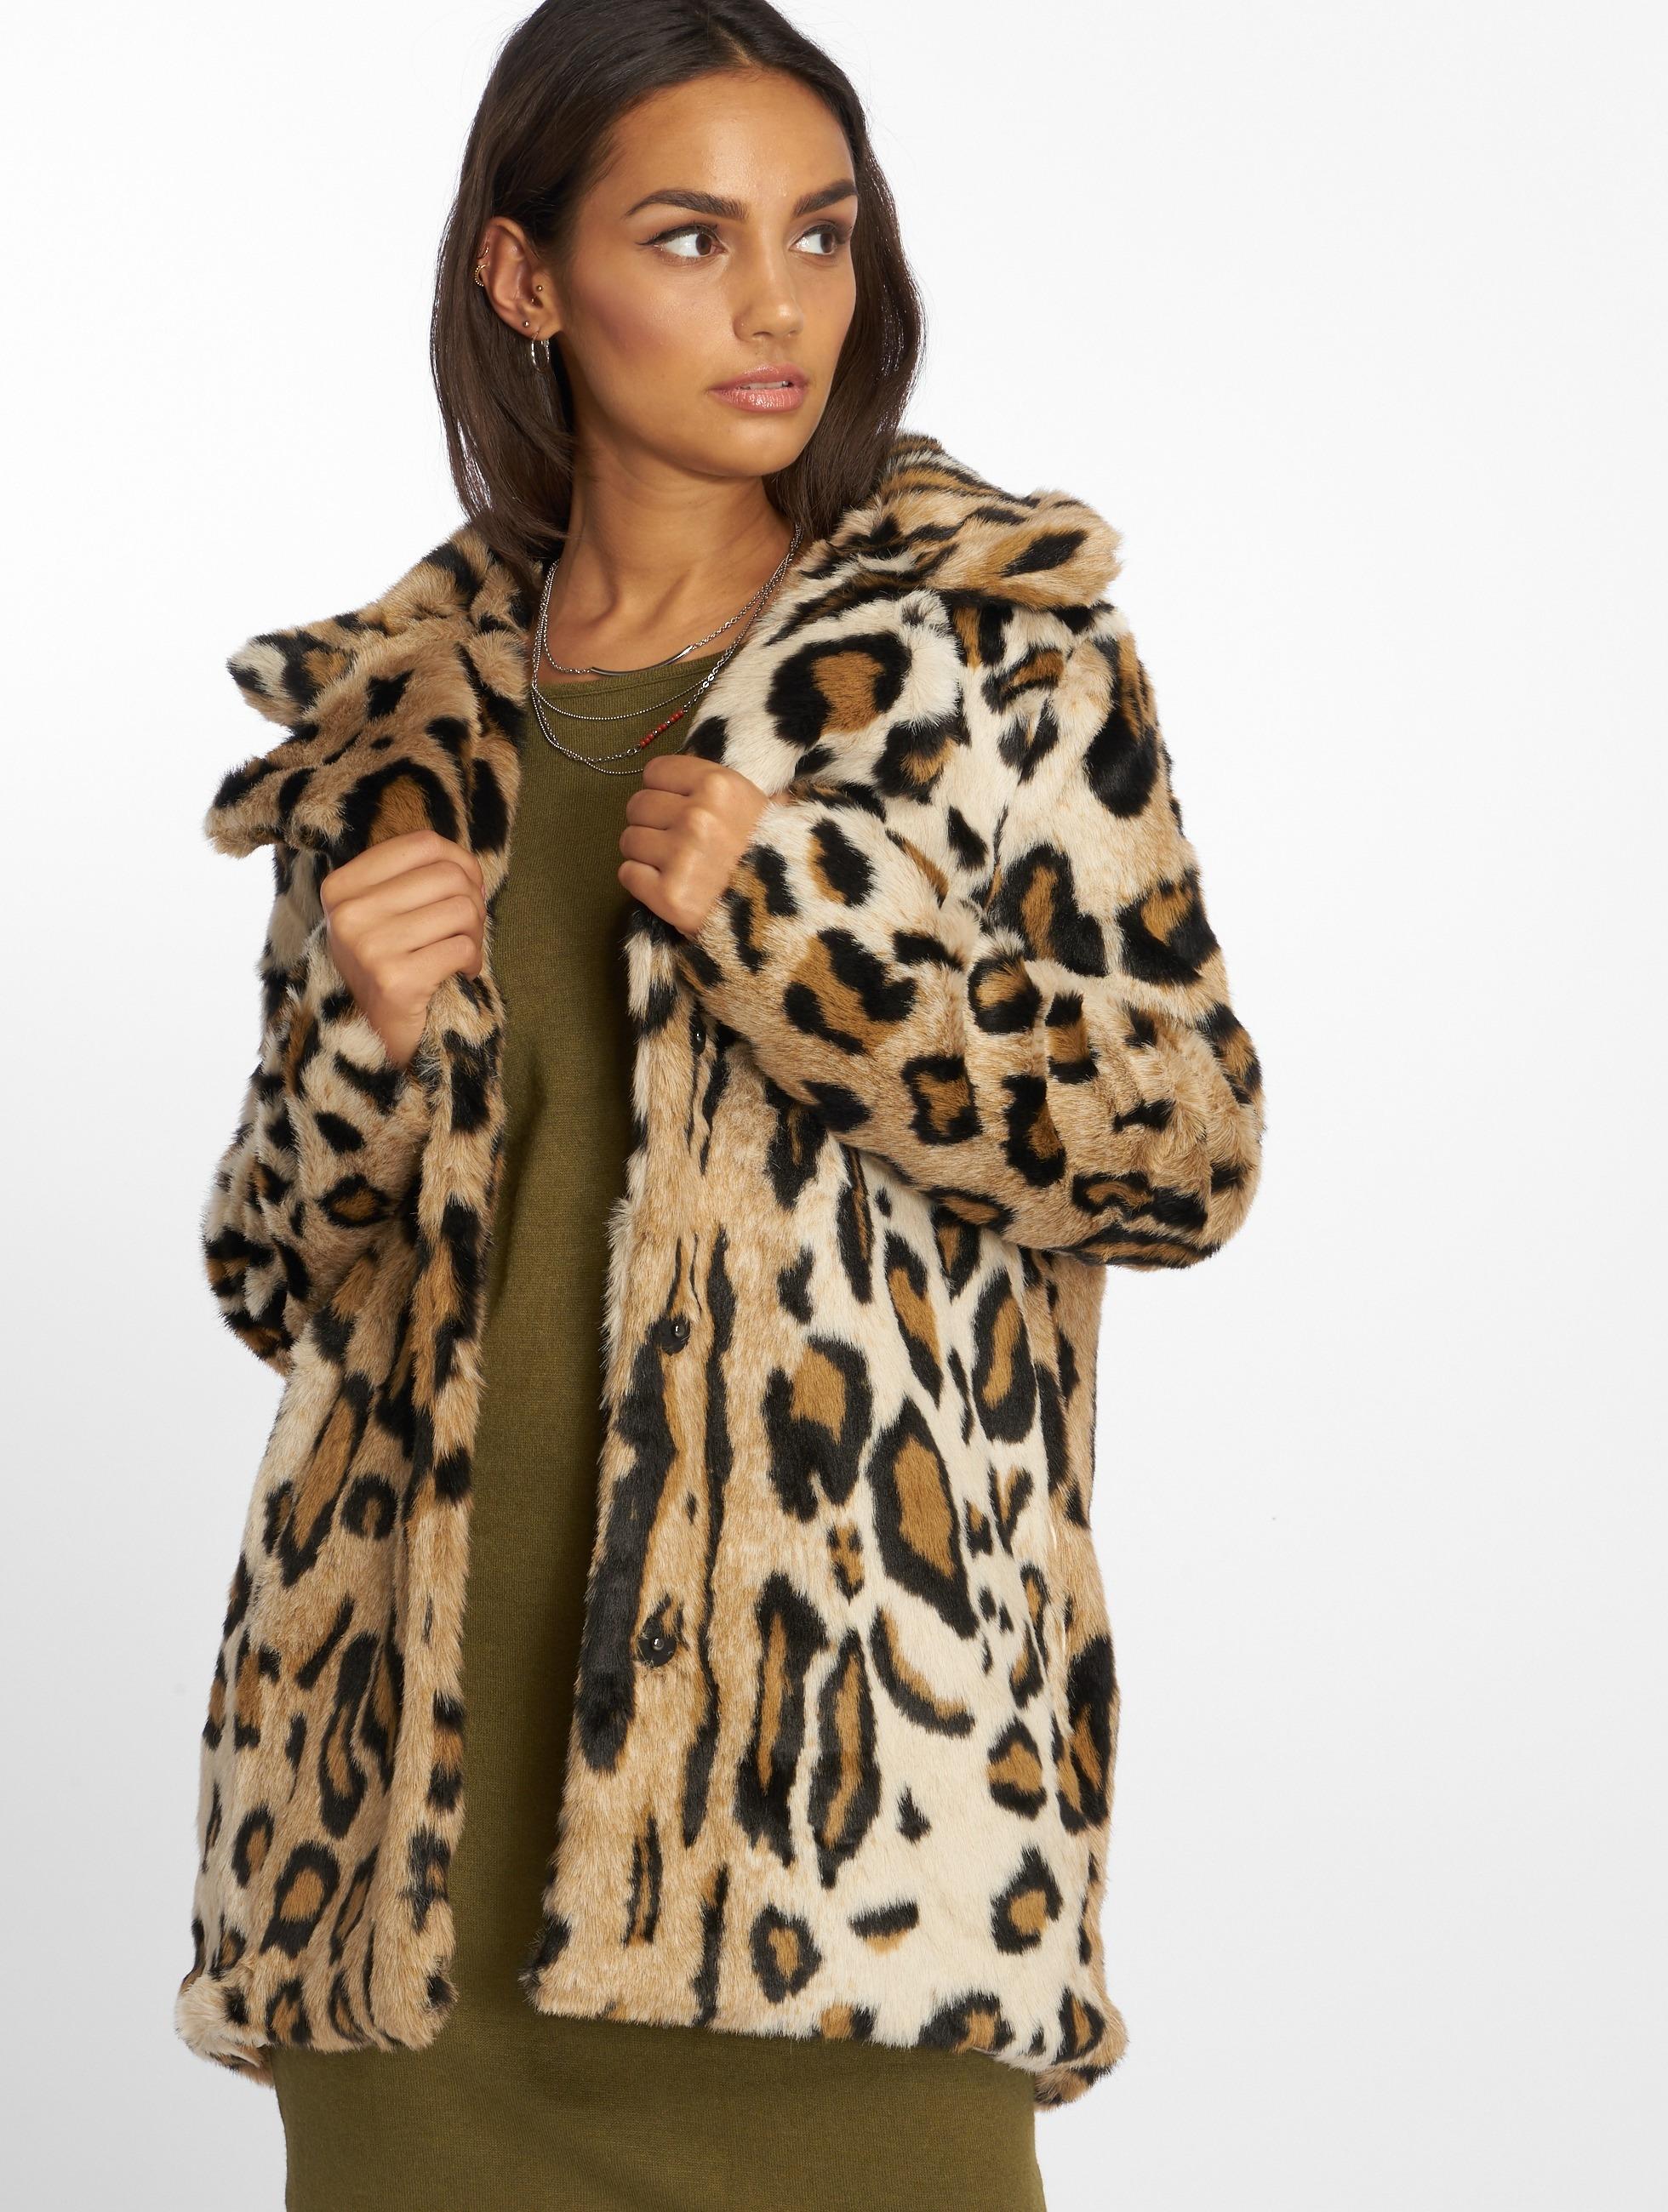 Kd Leo Jacket Na Leoprint Fur Winter Faux f7vgyYb6